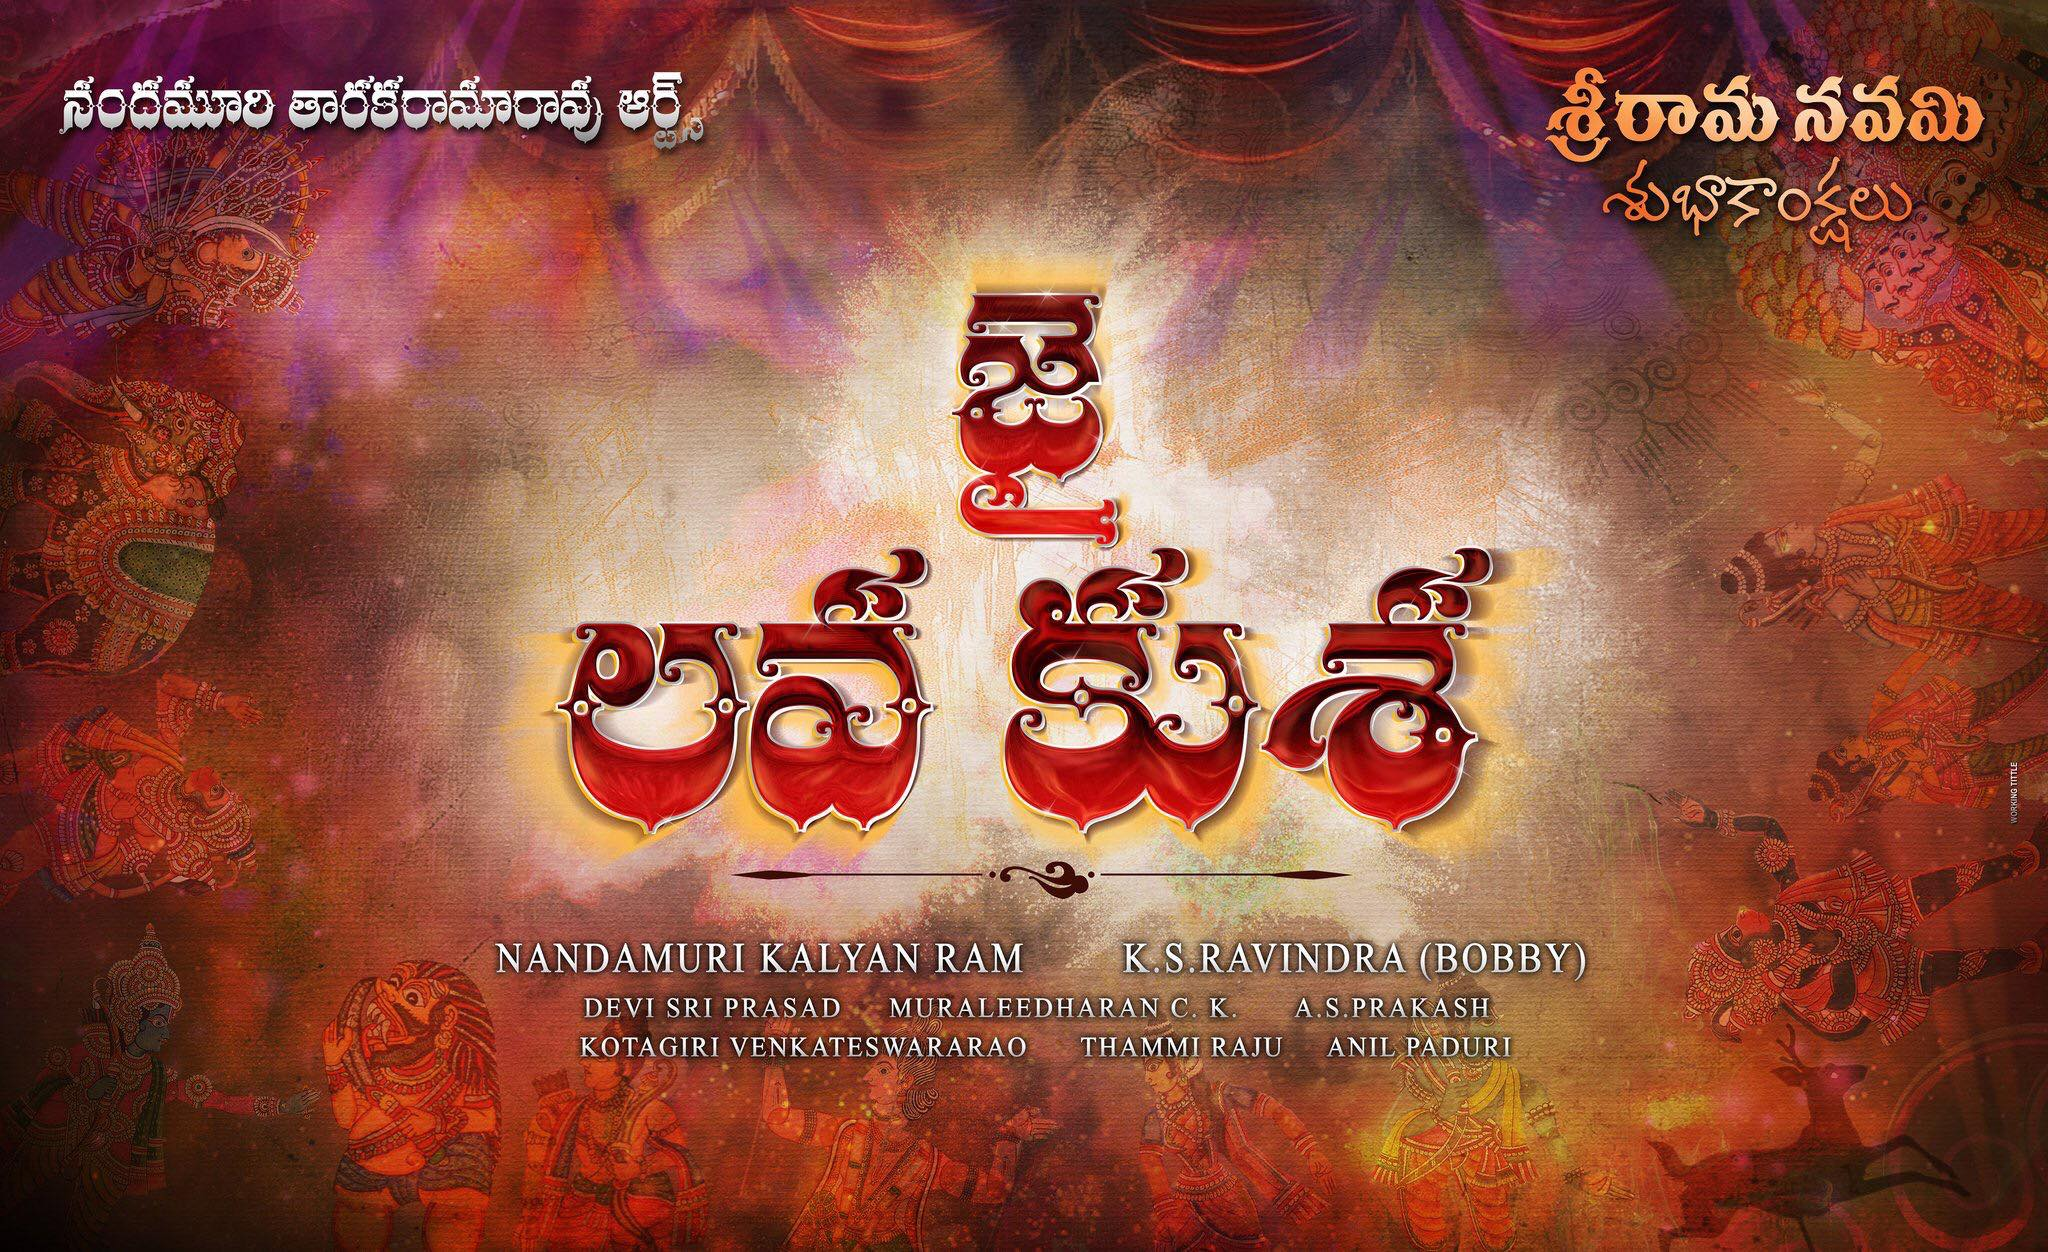 Dochestha - Jai Lava Kusa Telugu Movie Songs Lyrics